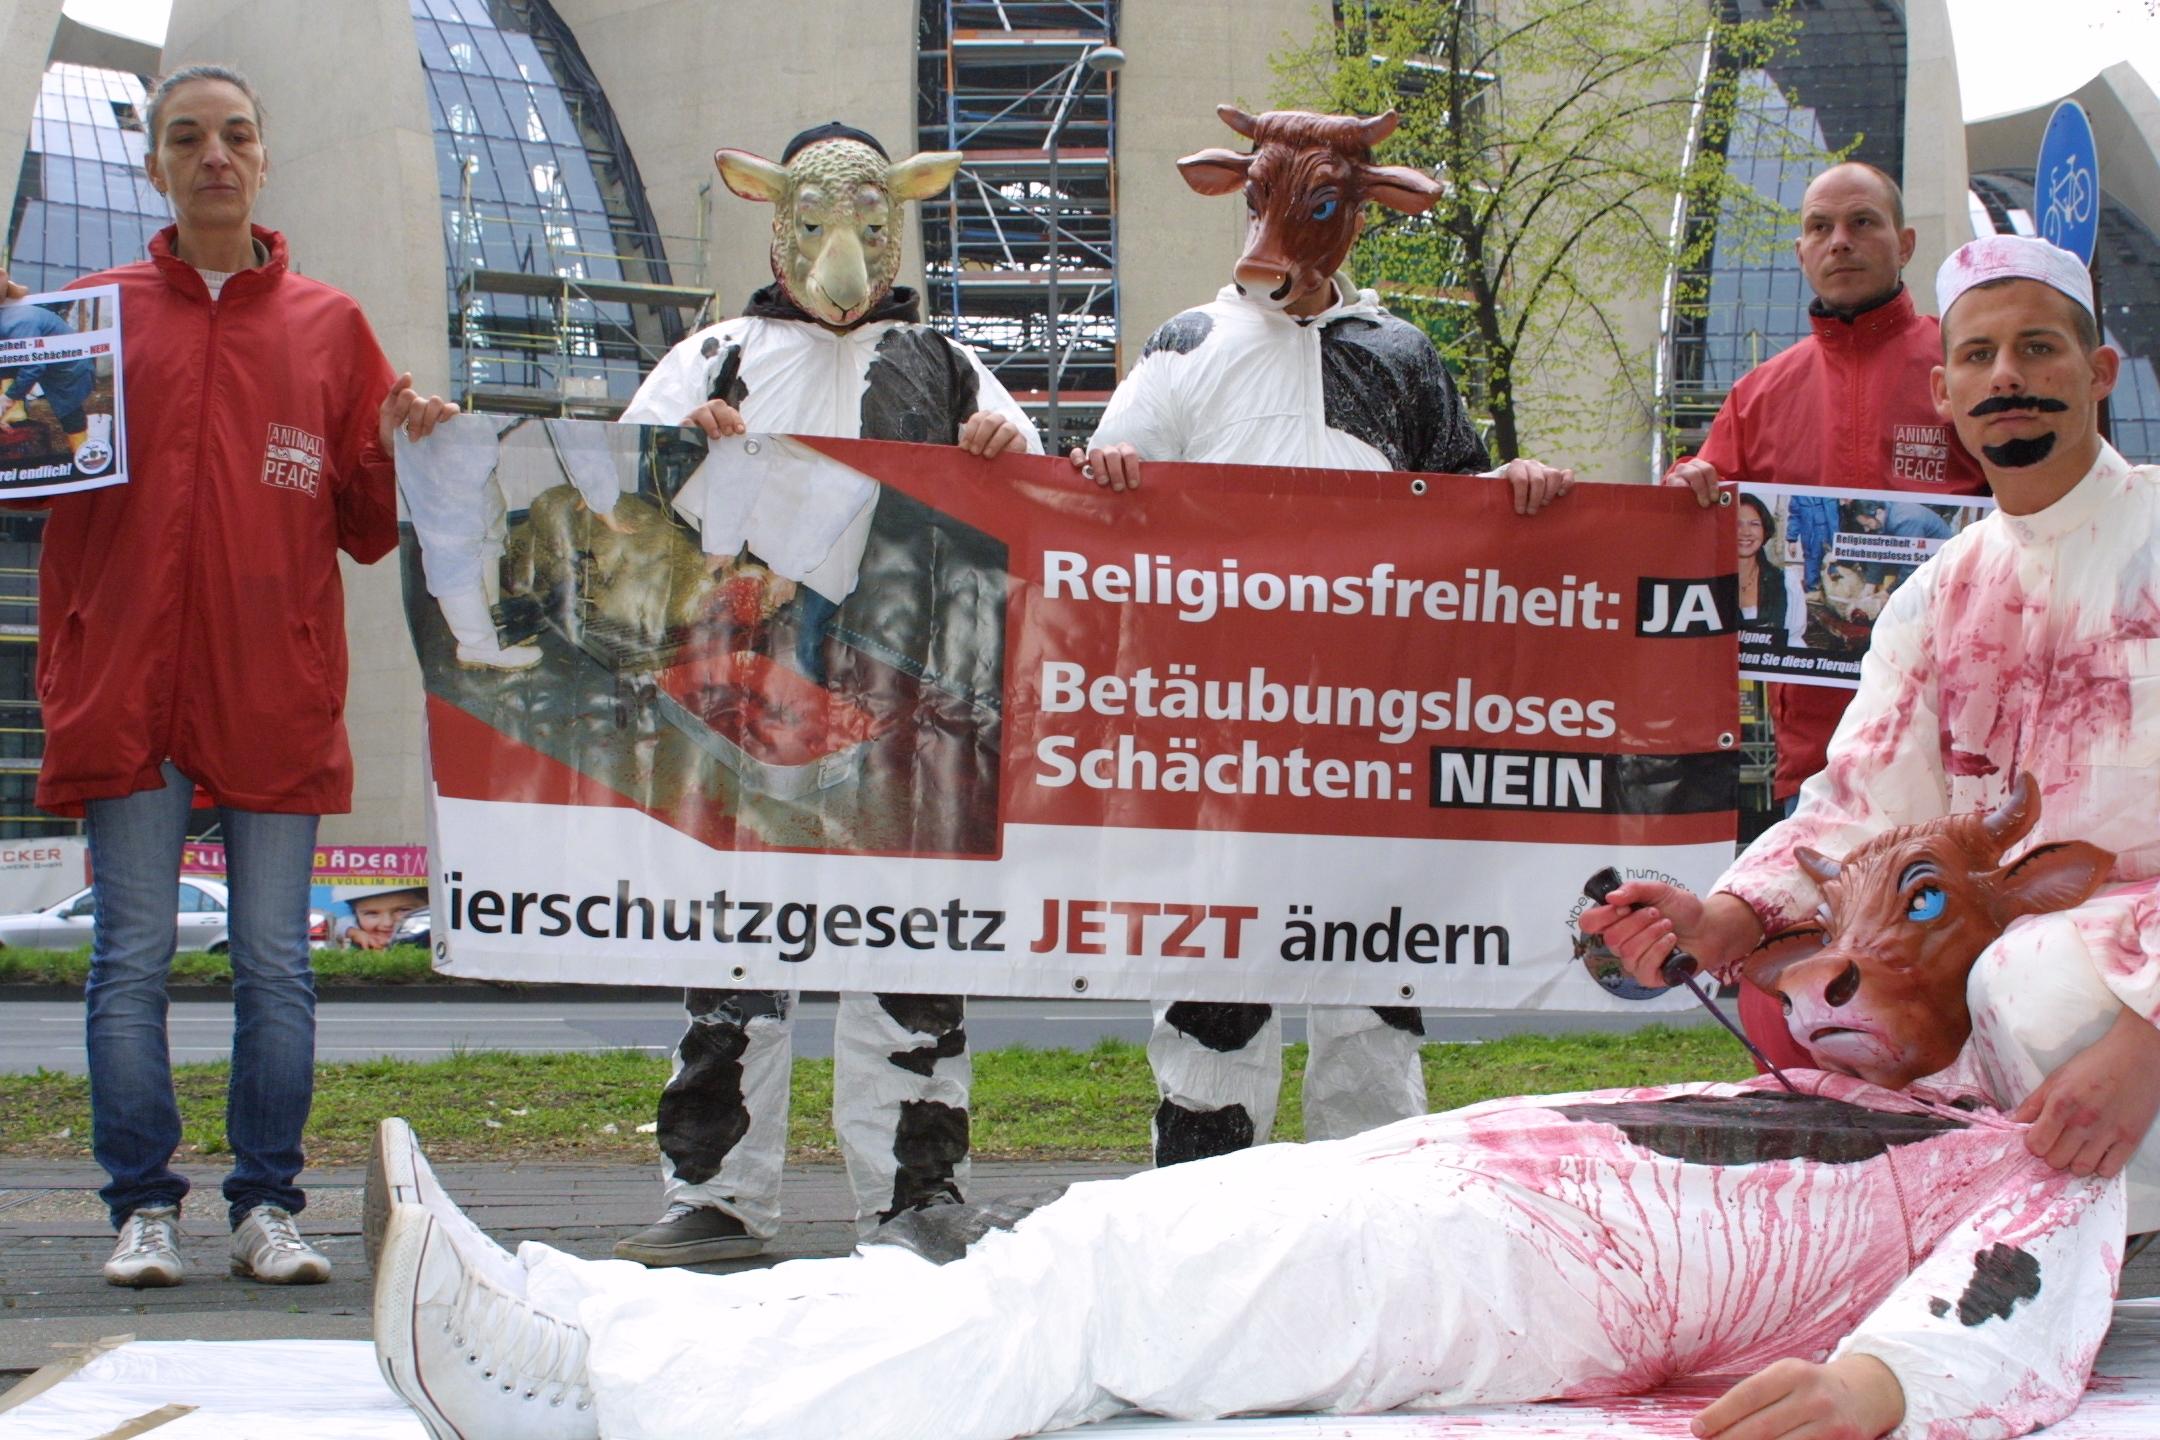 Schächten & Religionsfreiheit – ANIMALPEACE